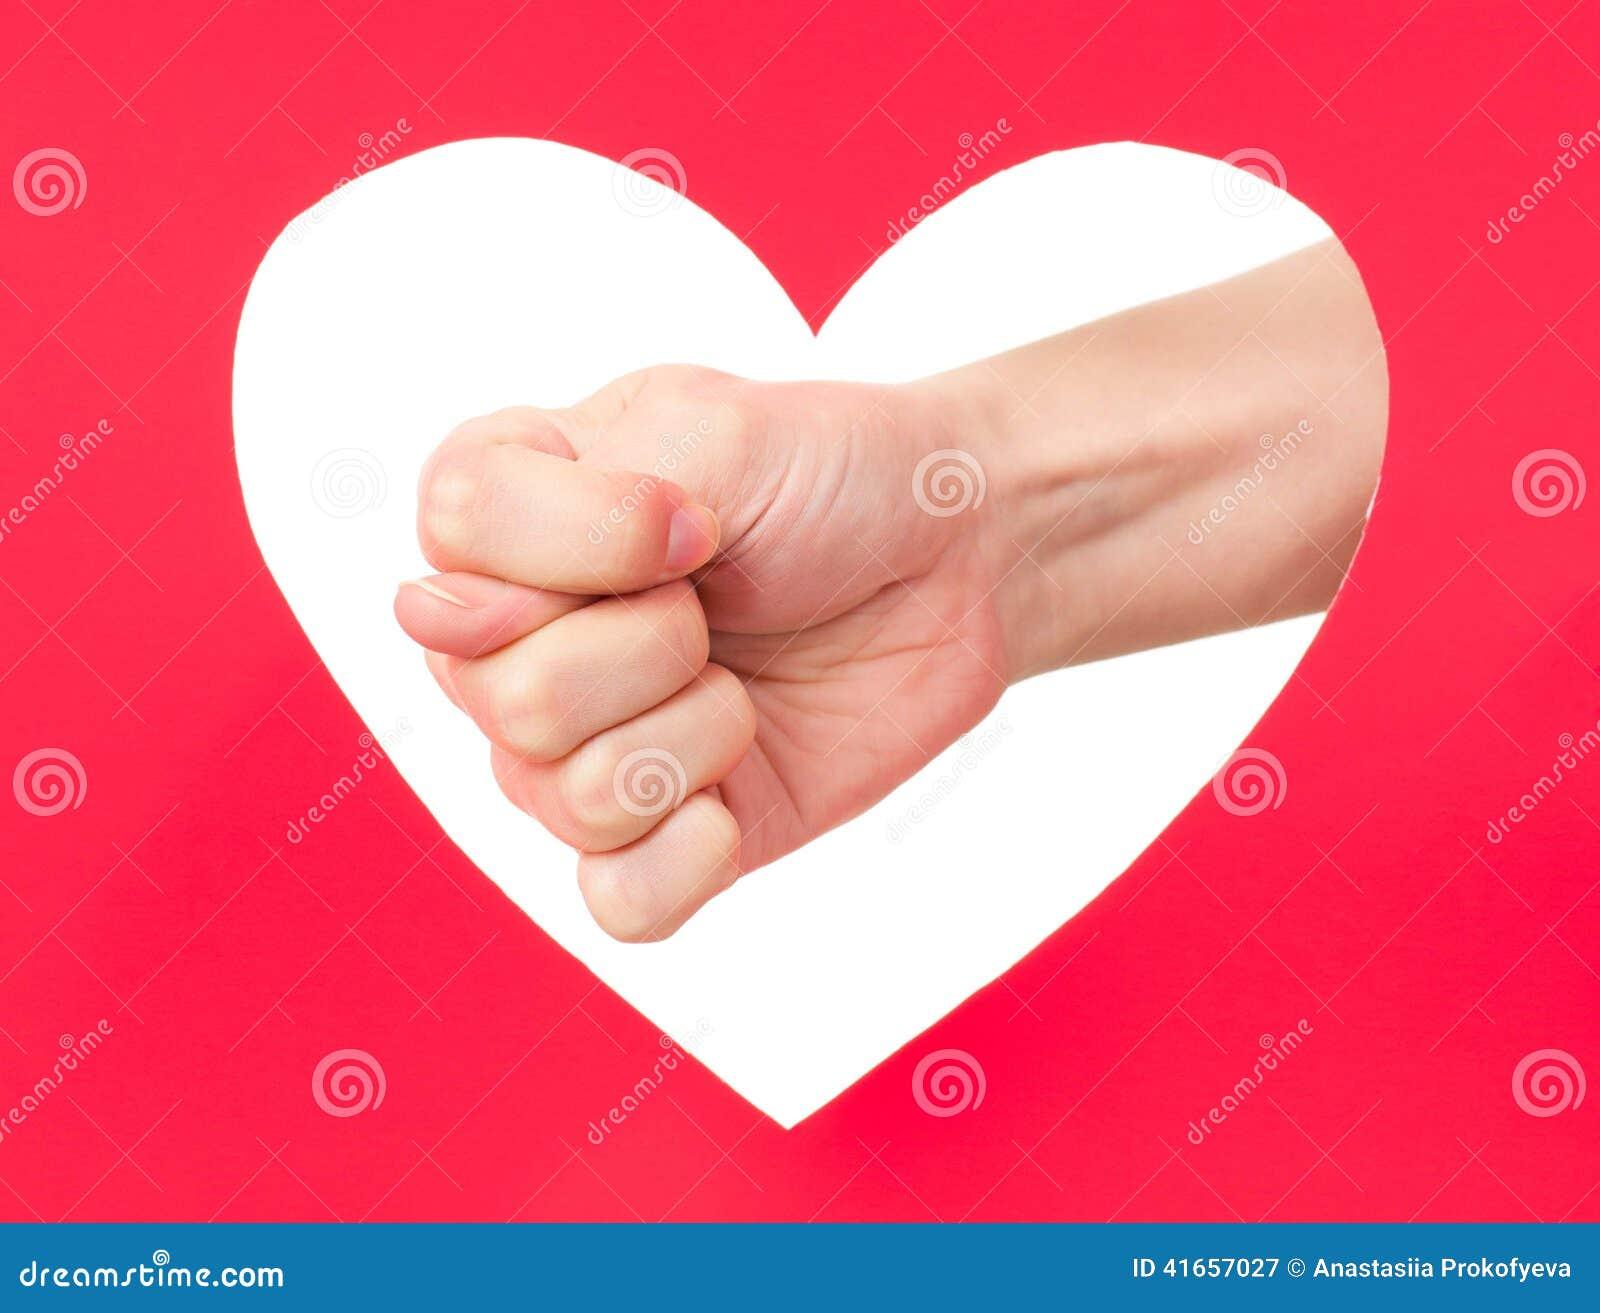 Gestures Term paper